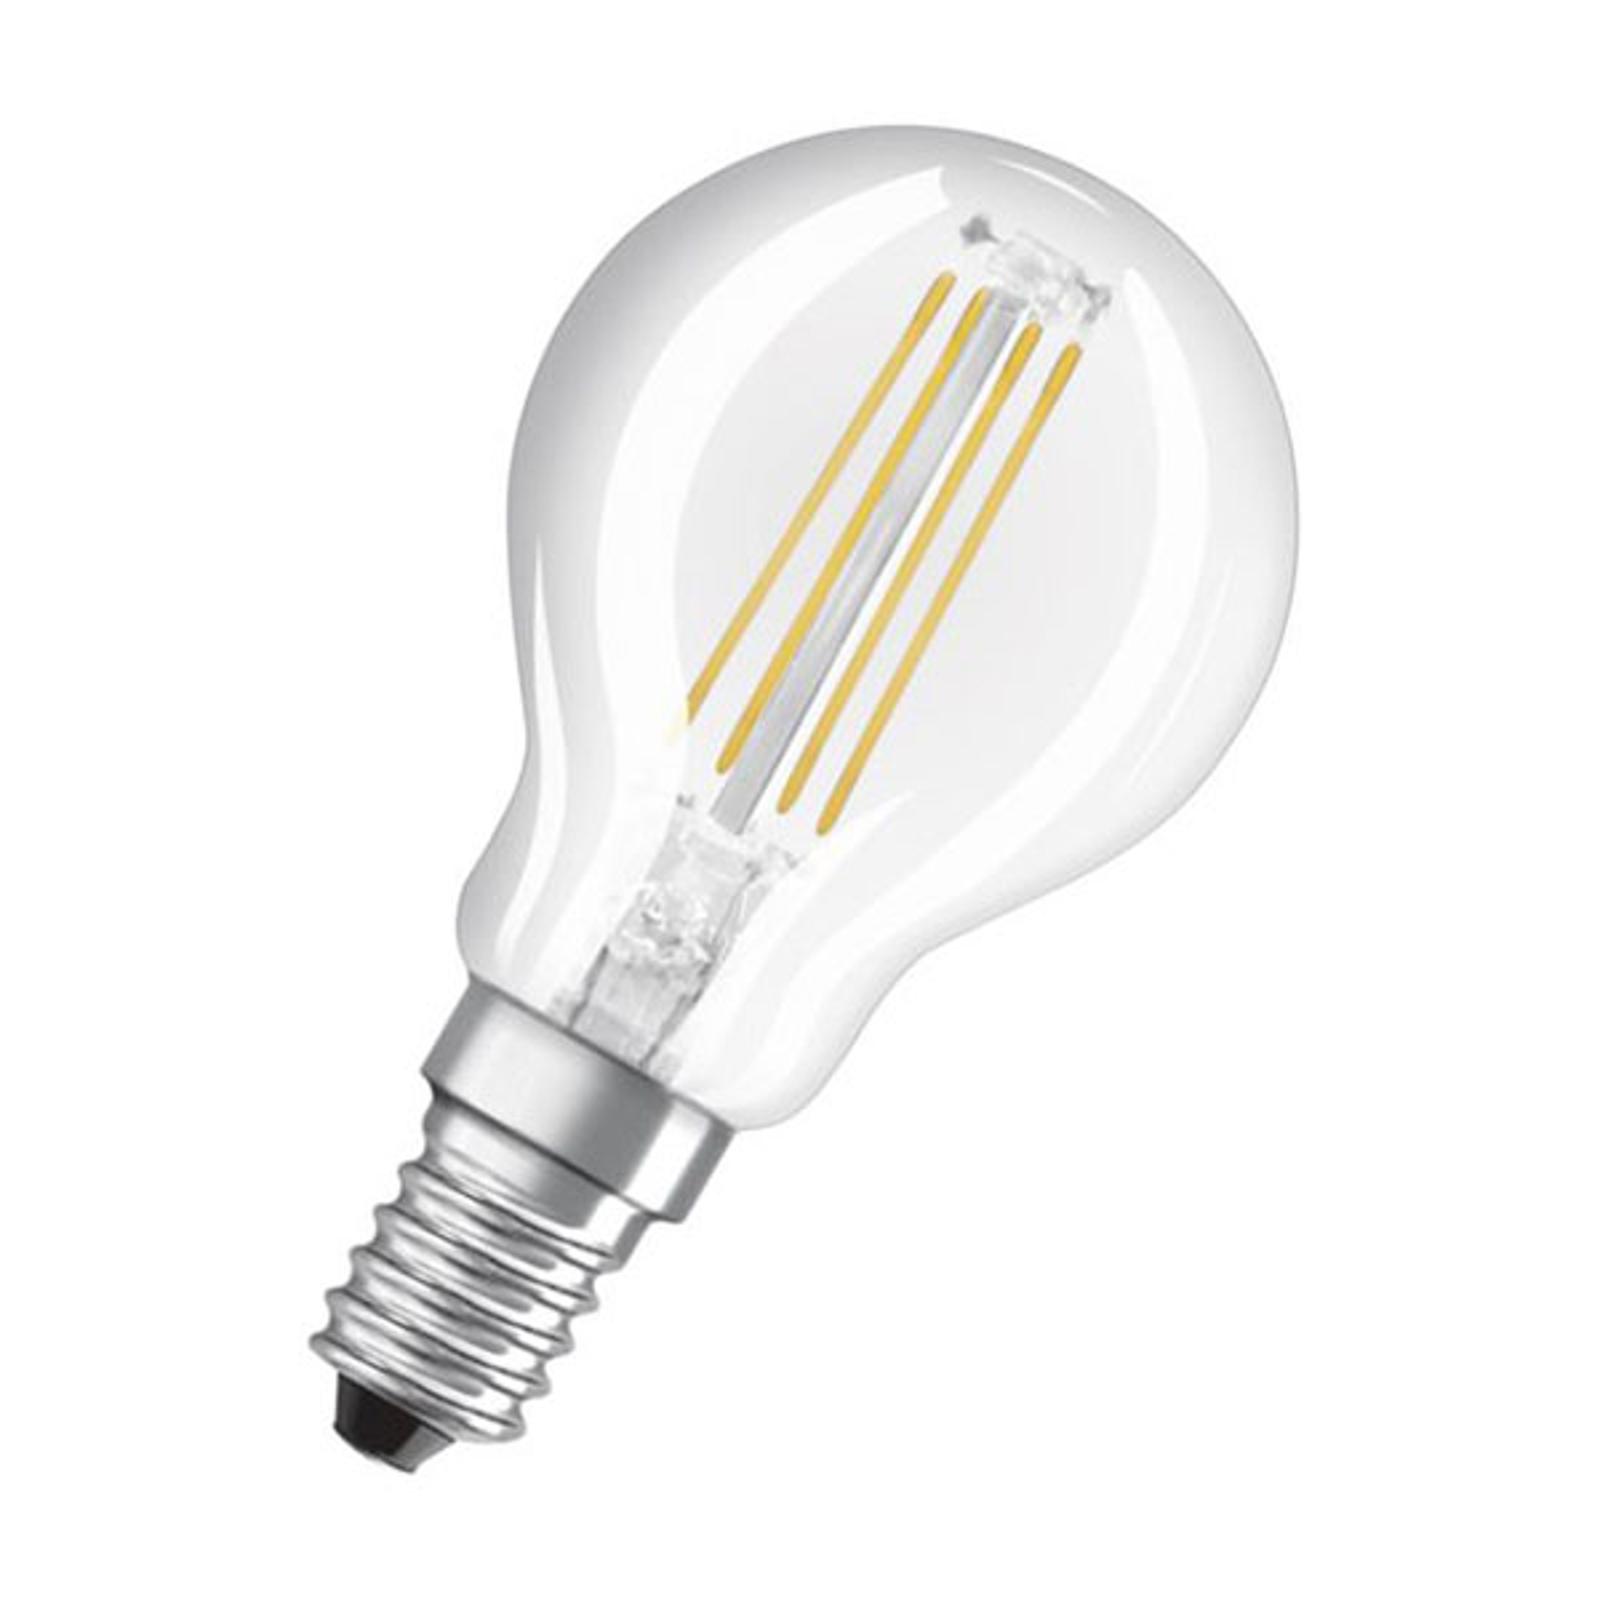 LED-dråpepære E14 4,8W filament, 2700K, dimbar